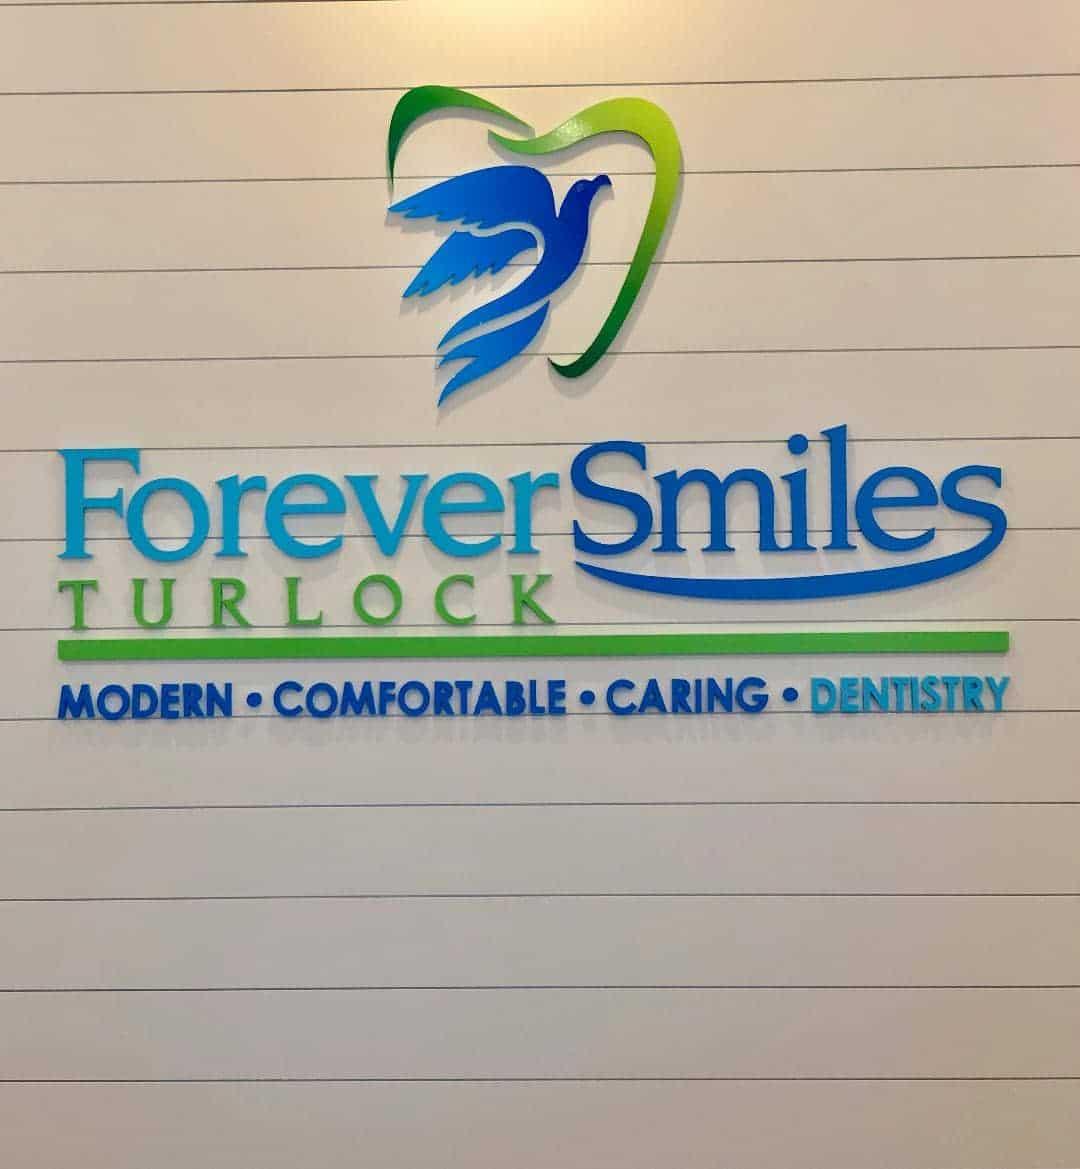 Forever Smiles Turlock